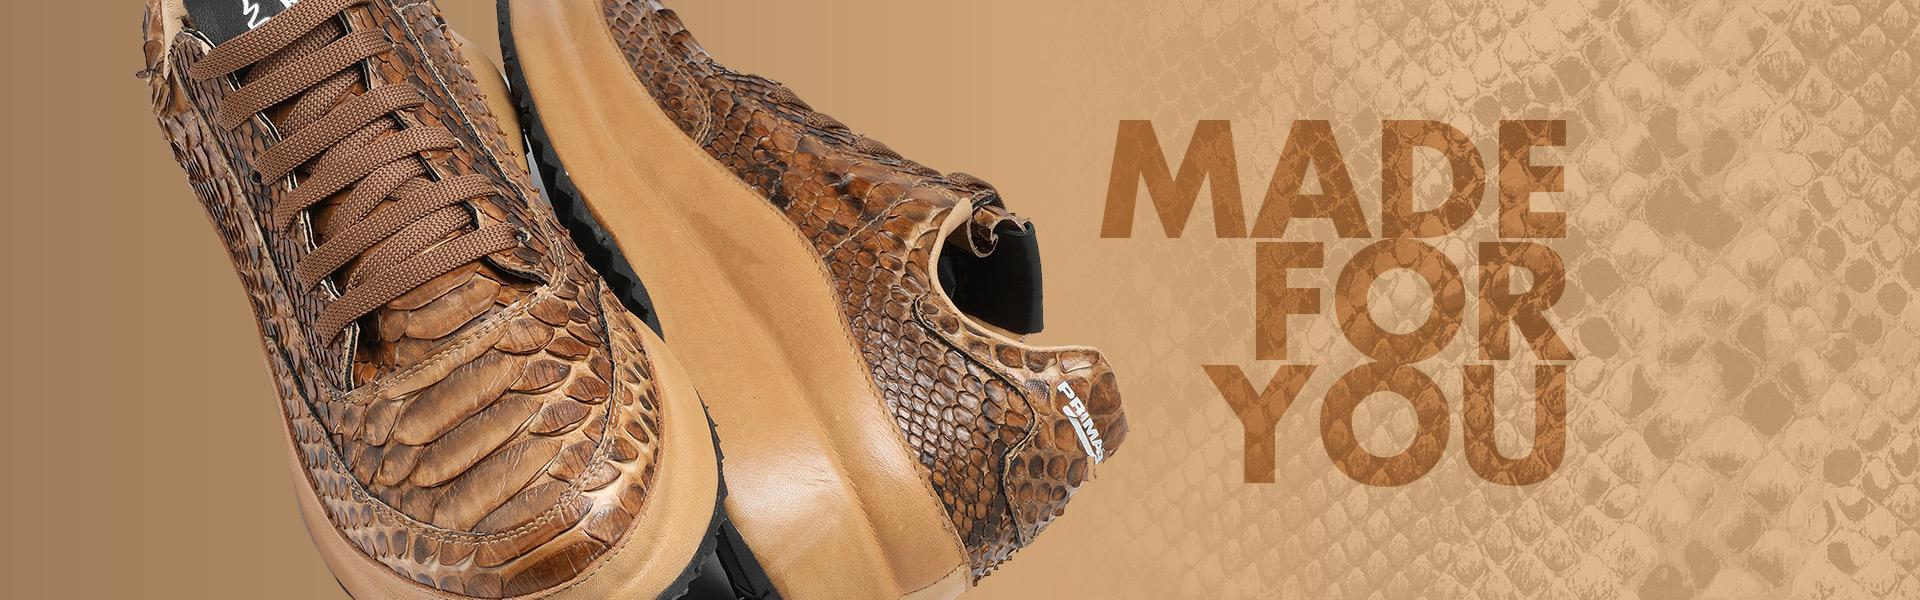 MADE FOR YOU - Scarpe in vera pelle di pitone e prodotte esclusivamente per te